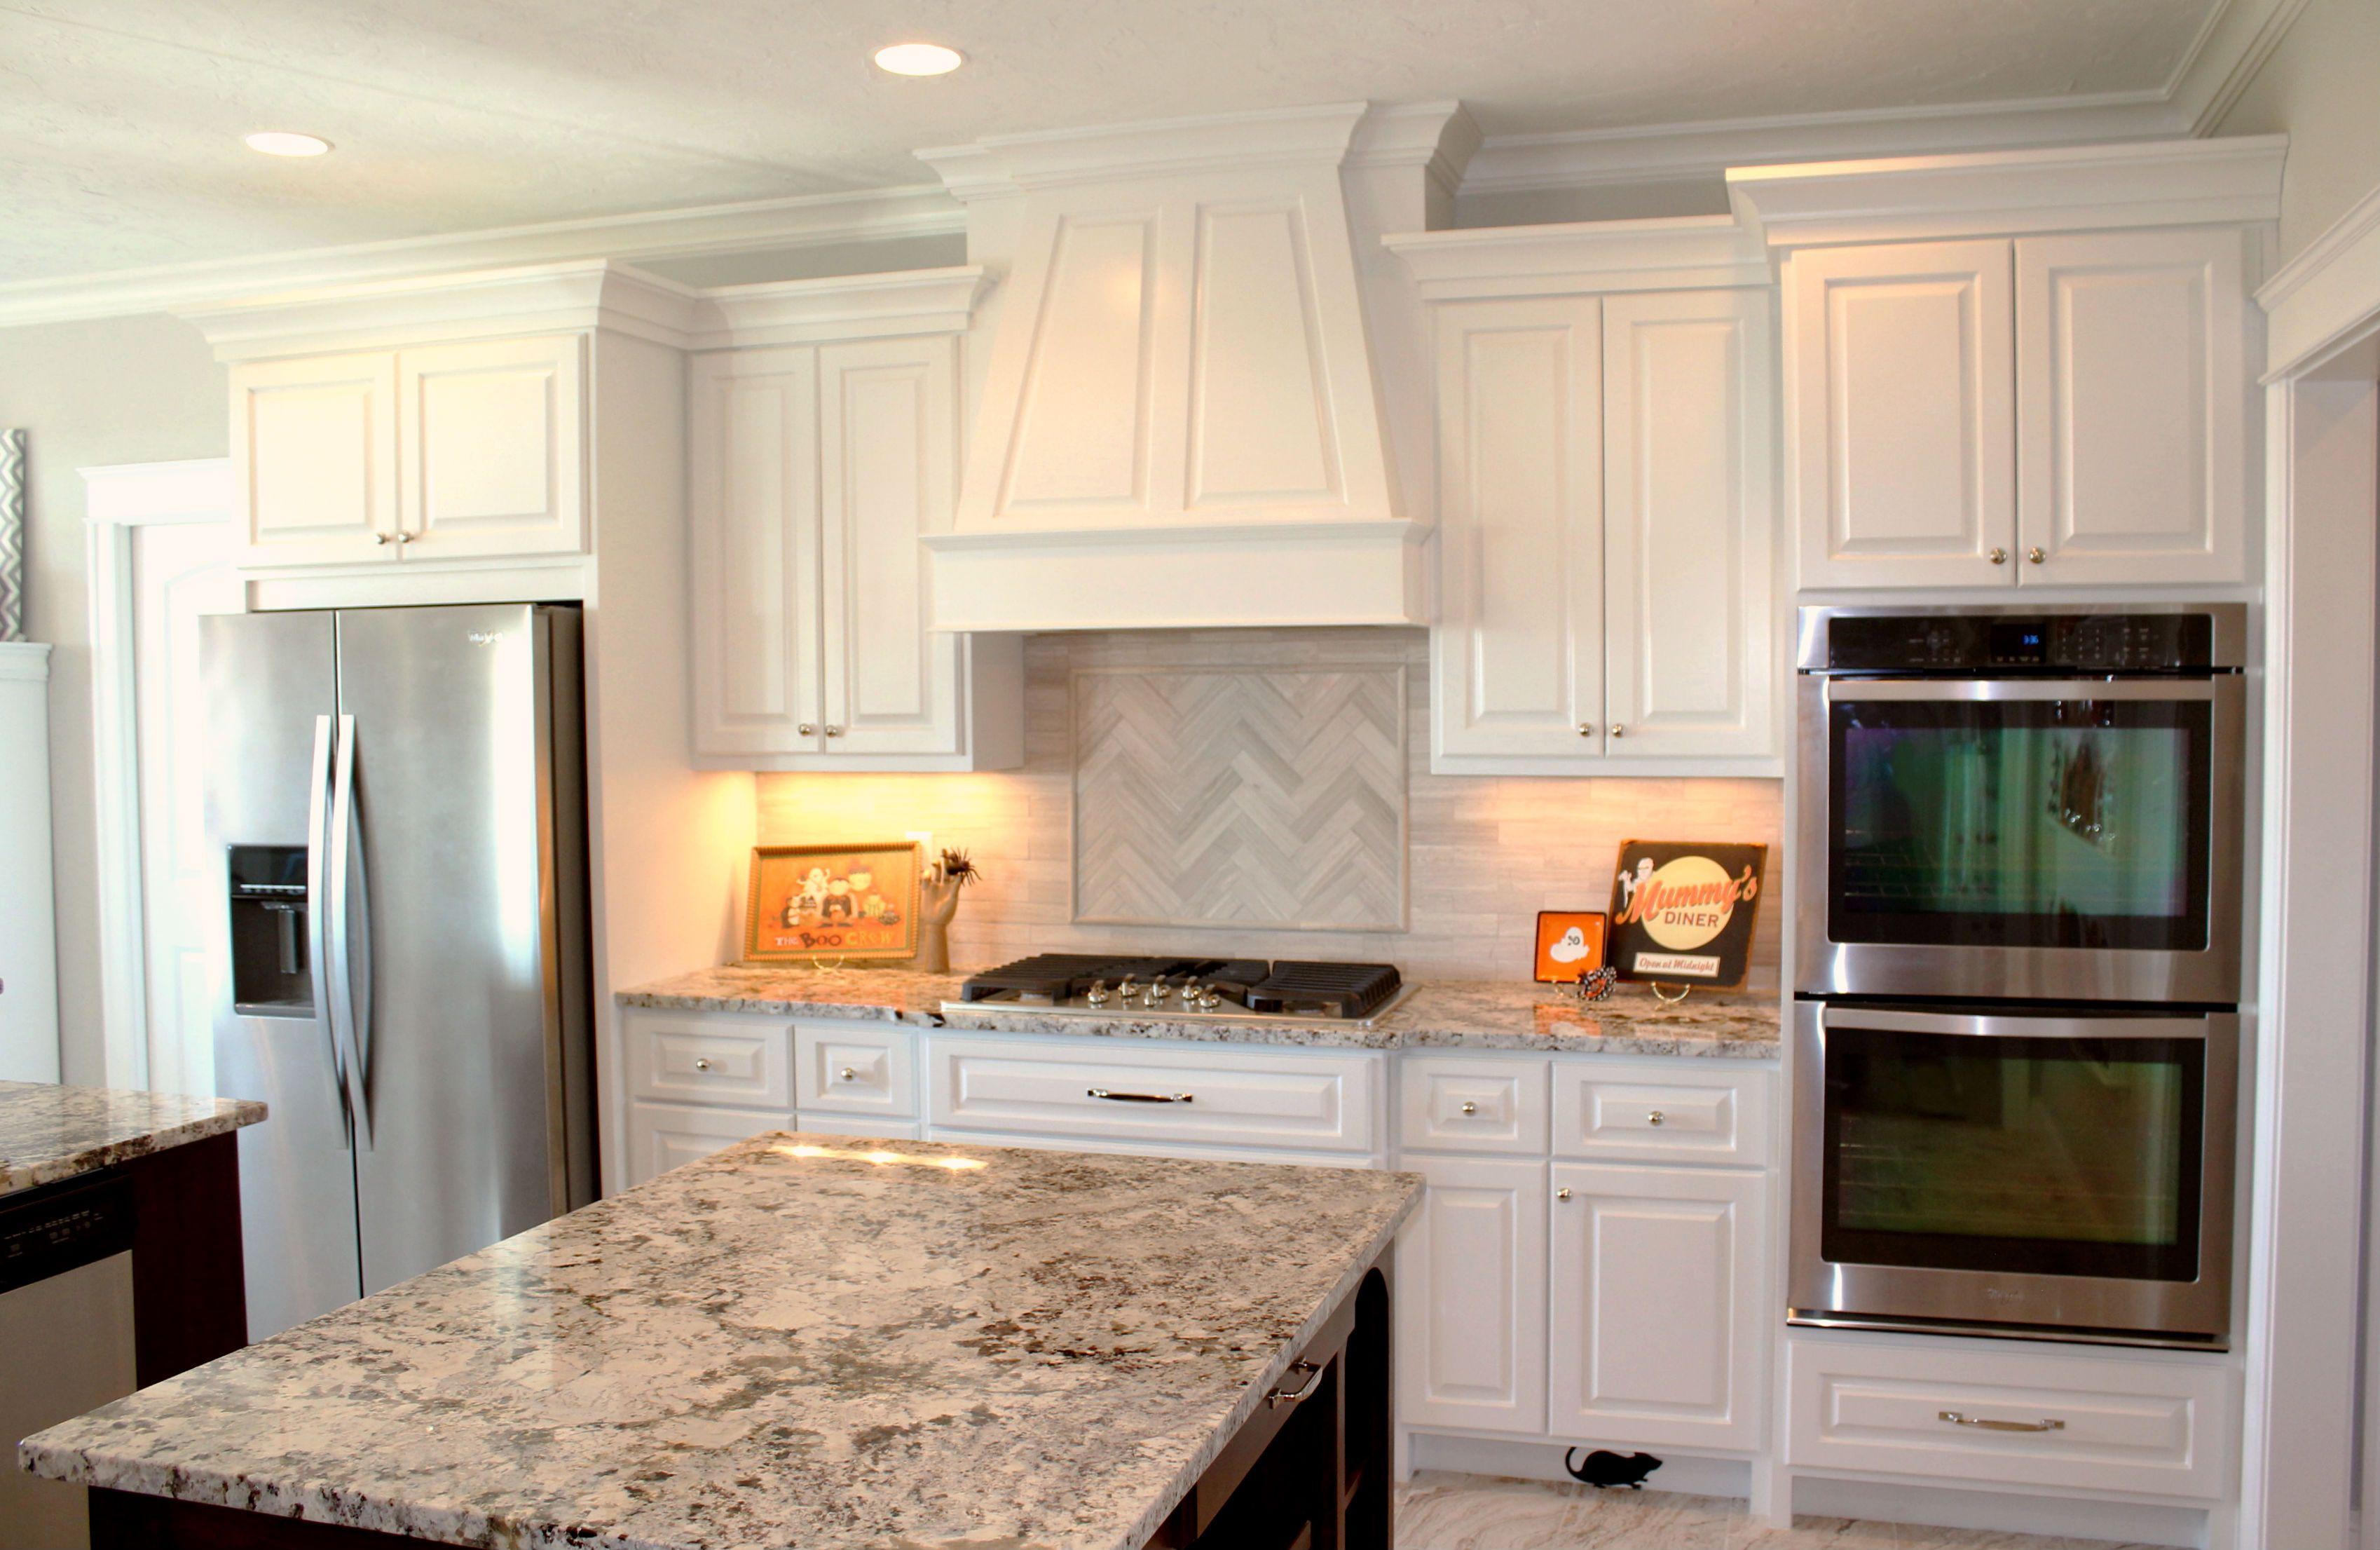 Stunning Countertop And Backsplash White Granite Countertops